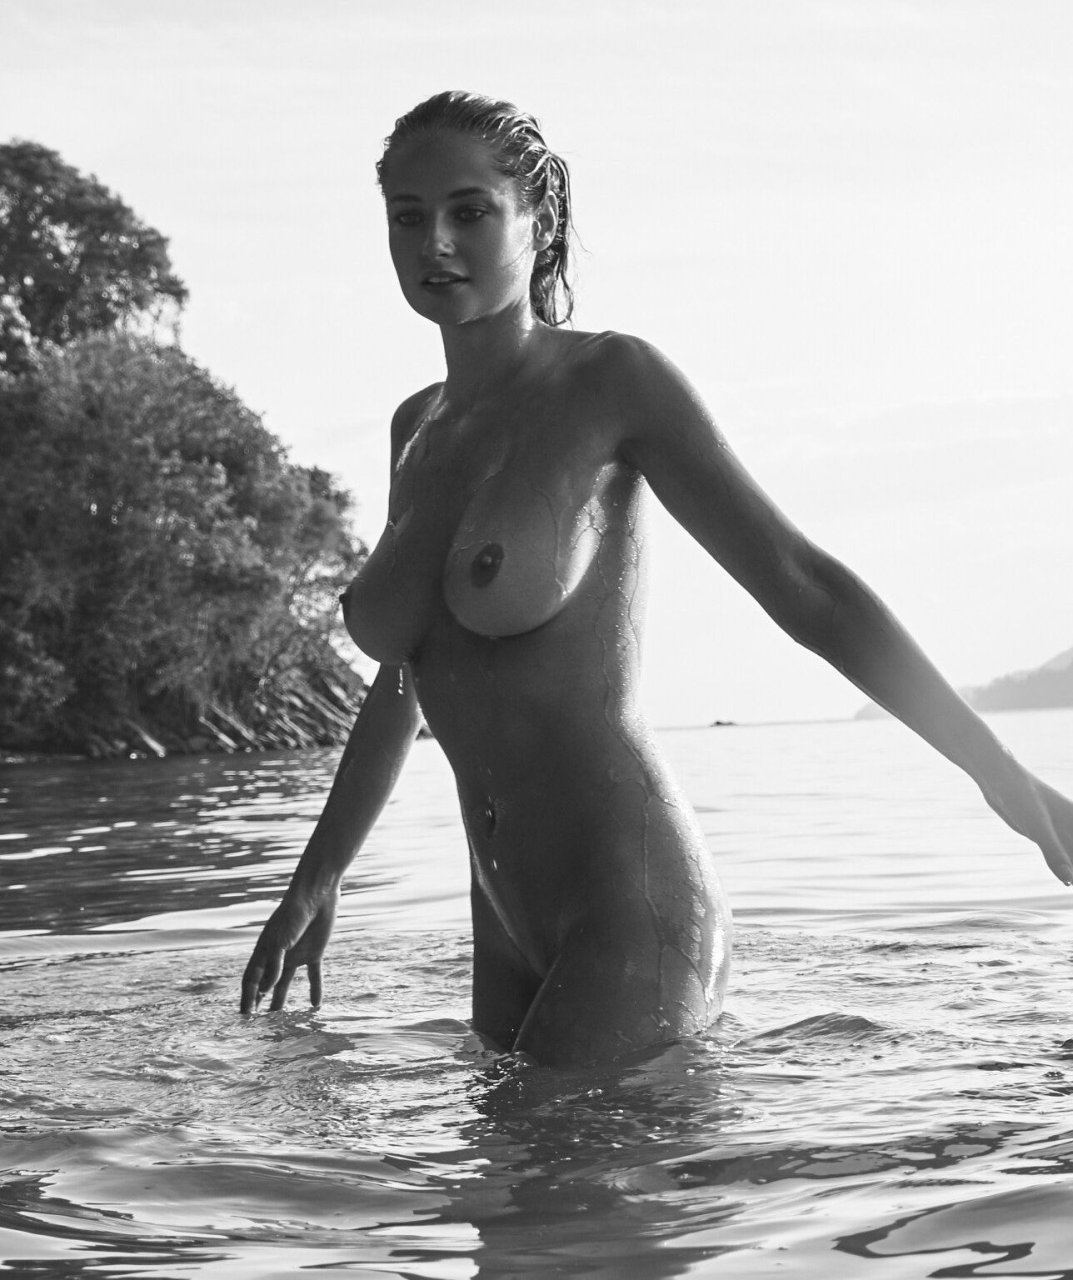 Genevieve cortese nude pics